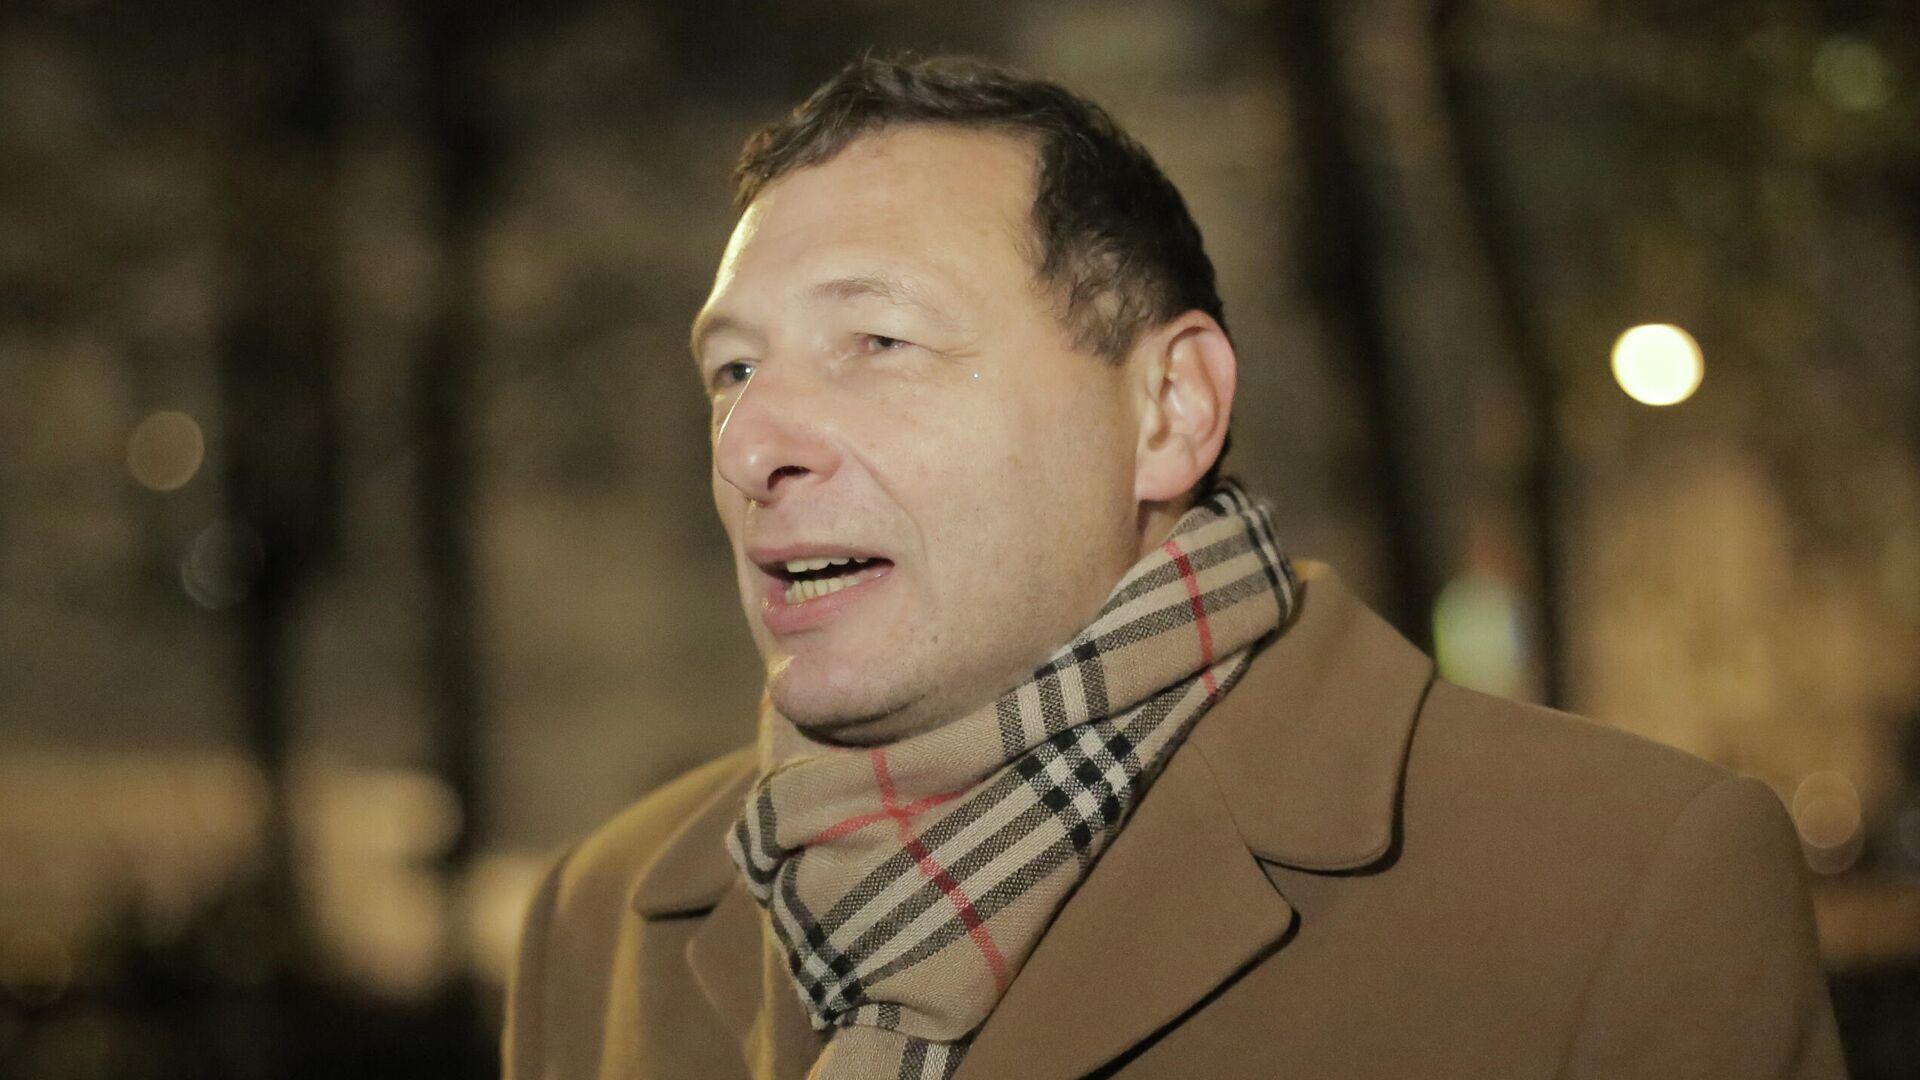 В Москве арестовали на десять суток политолога Кагарлицкого за несогласованное мероприятие